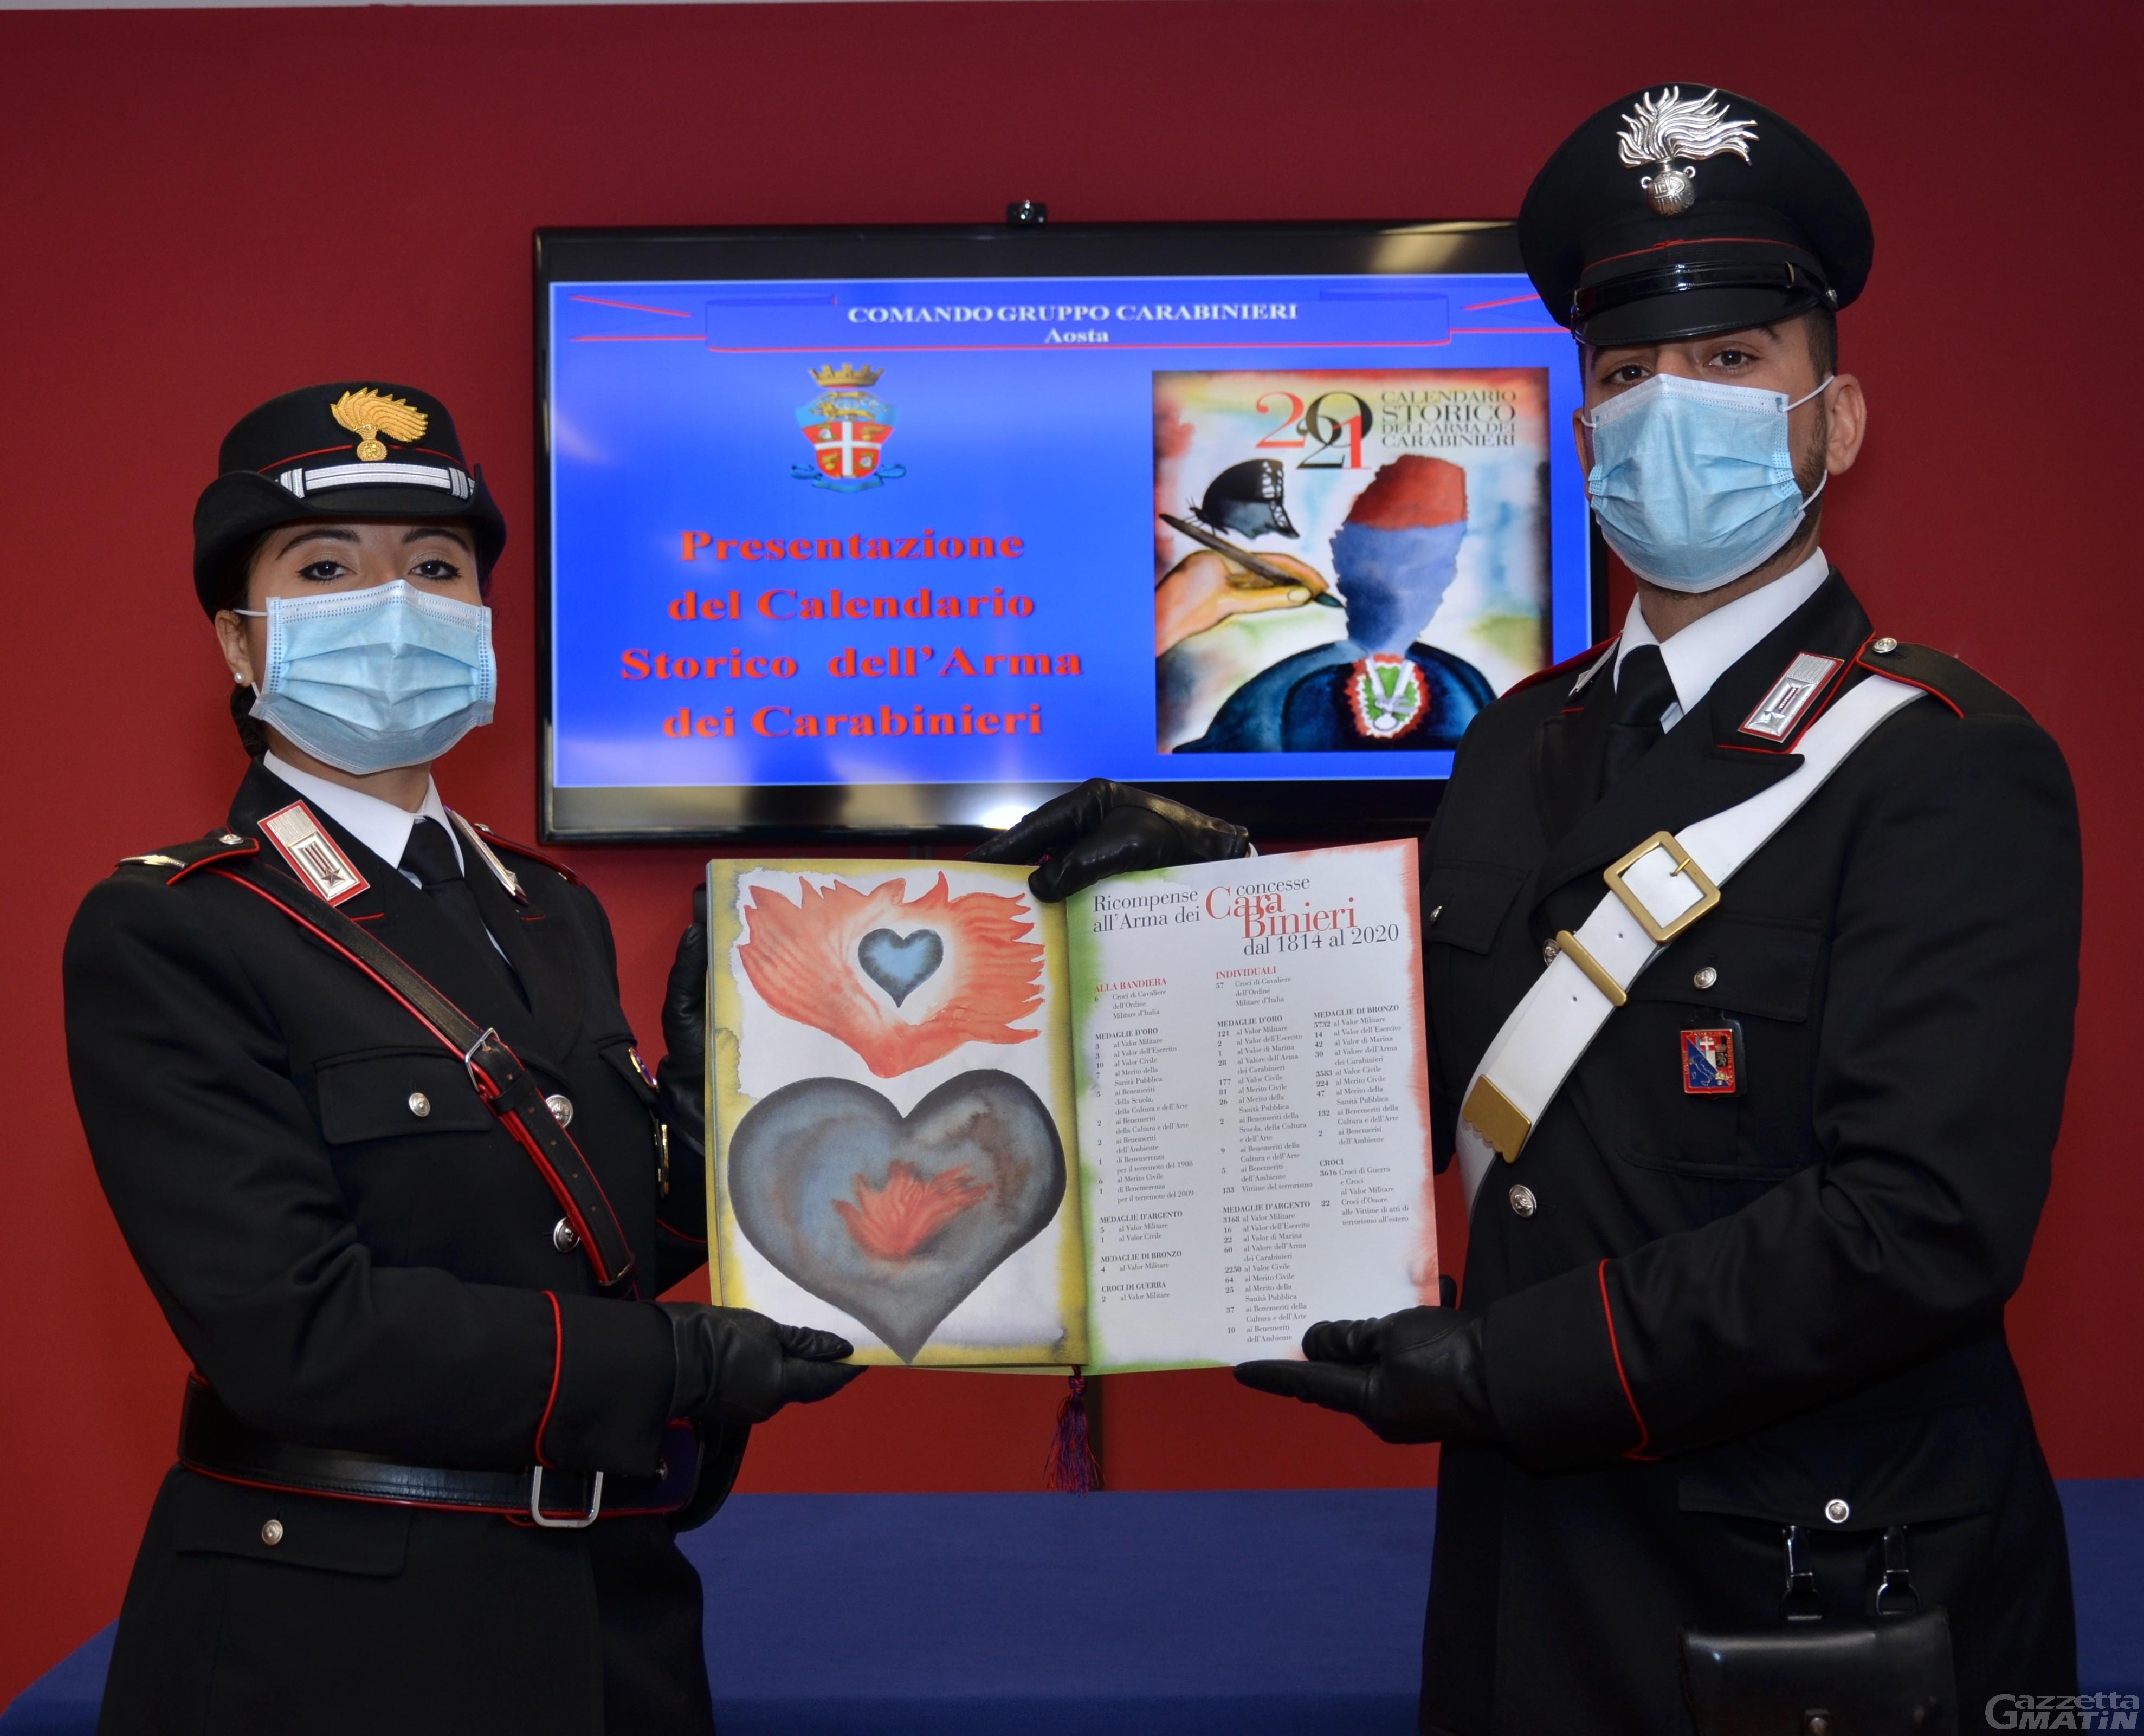 Carabinieri, l'81ª edizione del calendario celebra Dante Aligheri